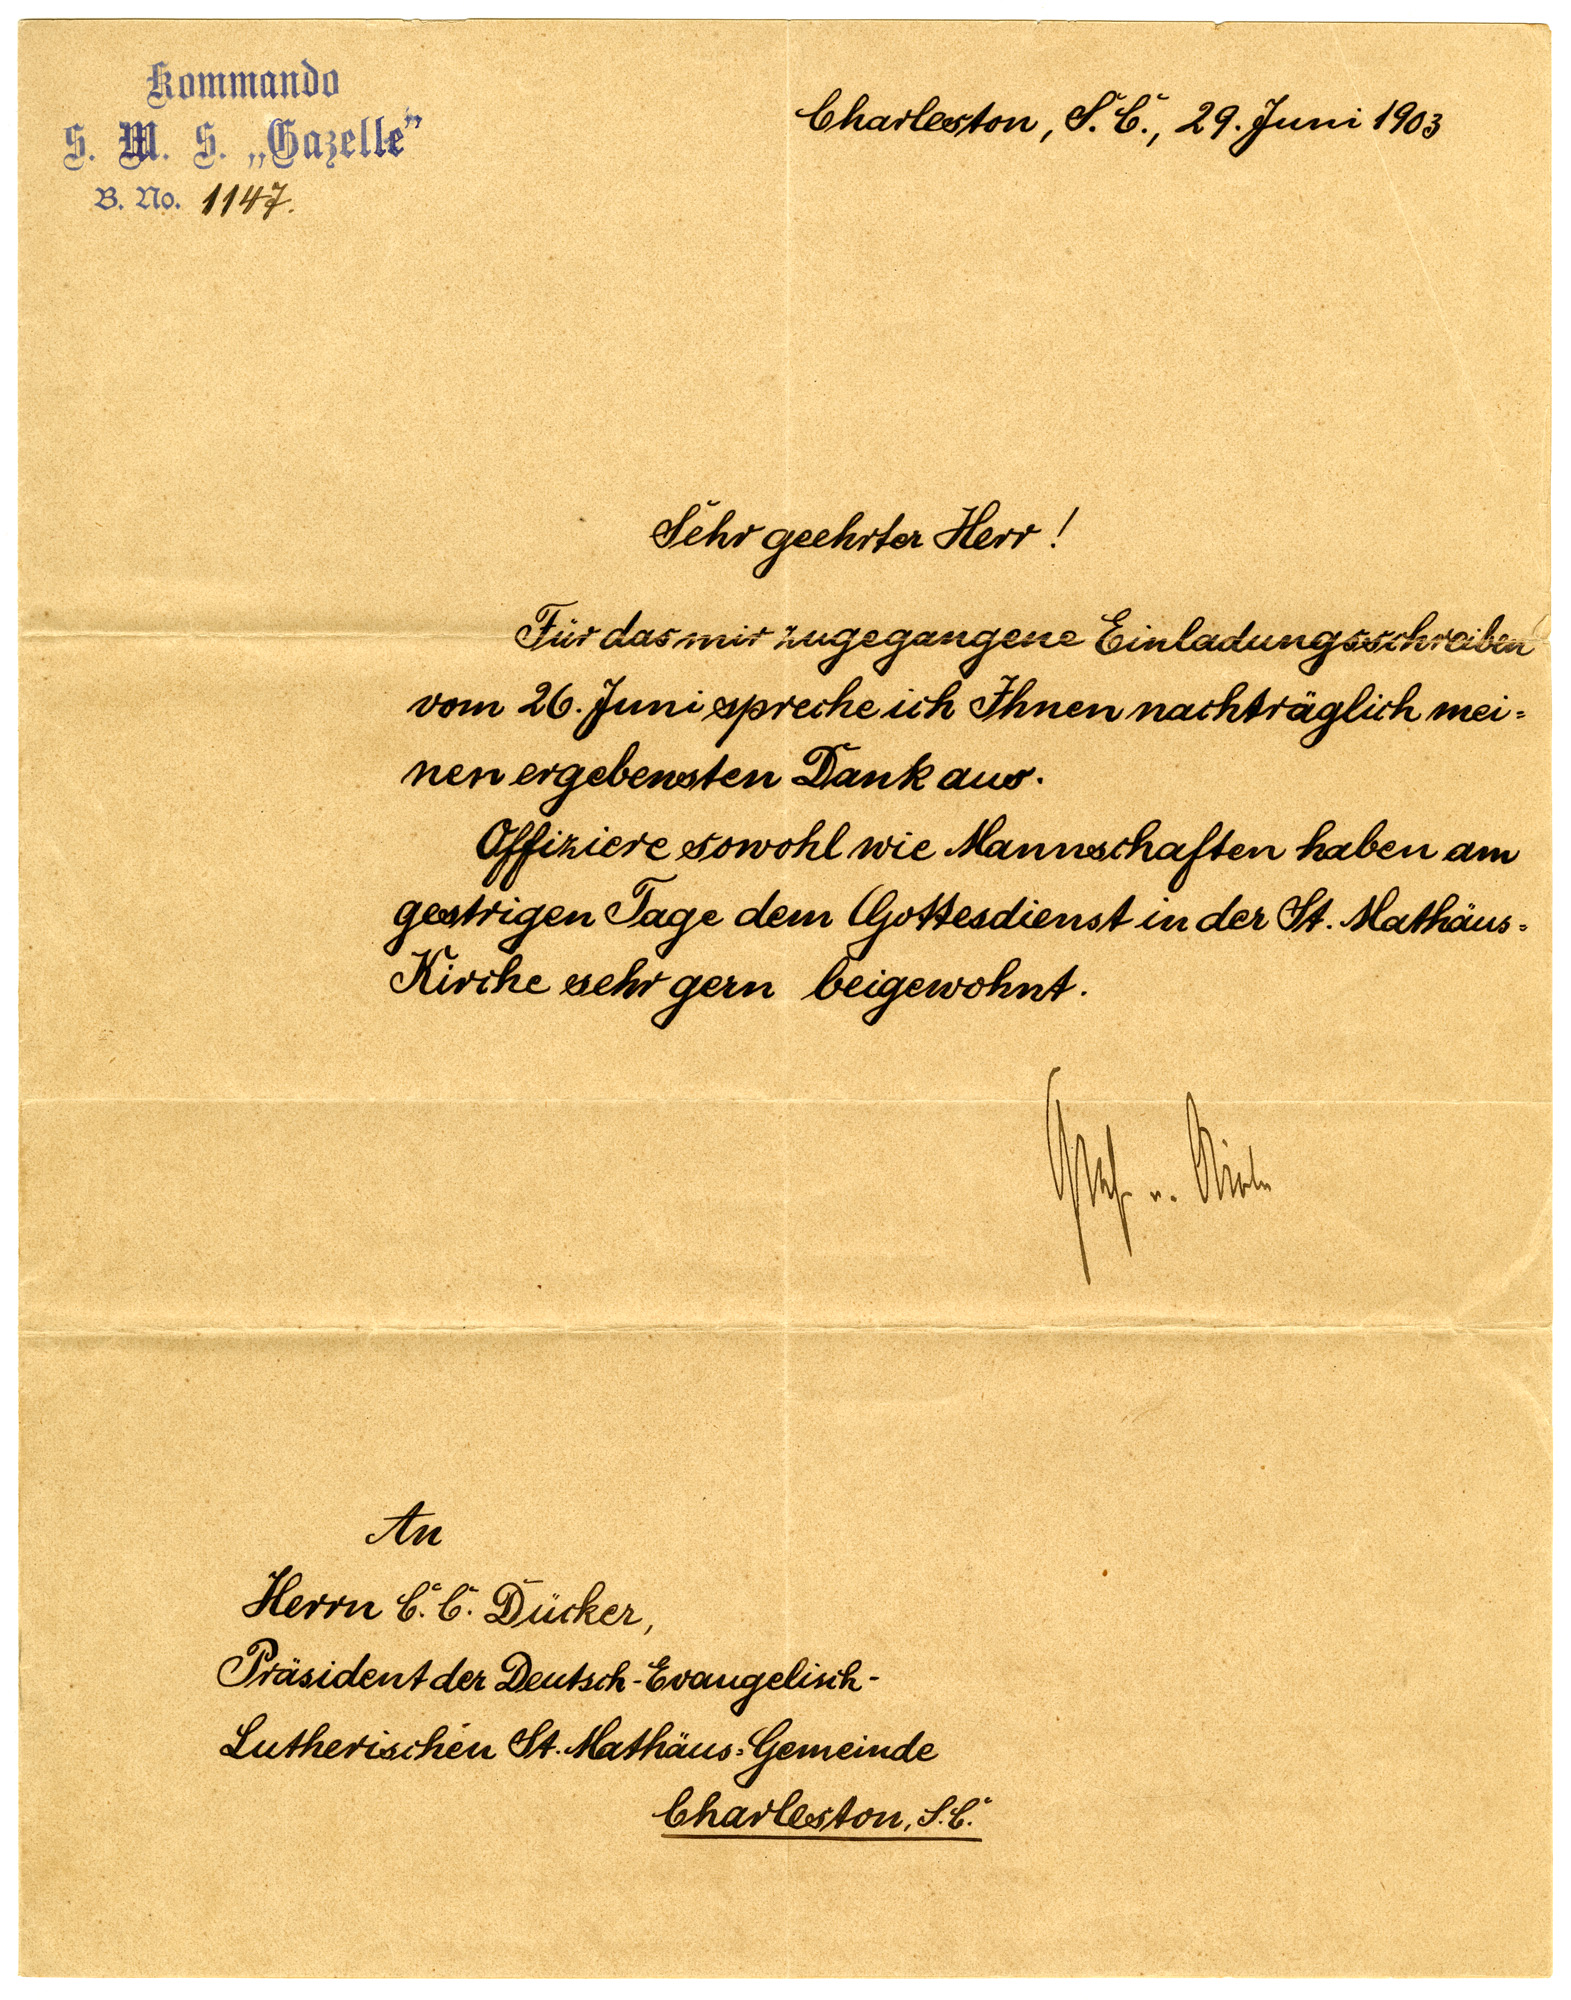 Letter from SMS Gazelle Captain to C.G. Ducker, June 29, 1903